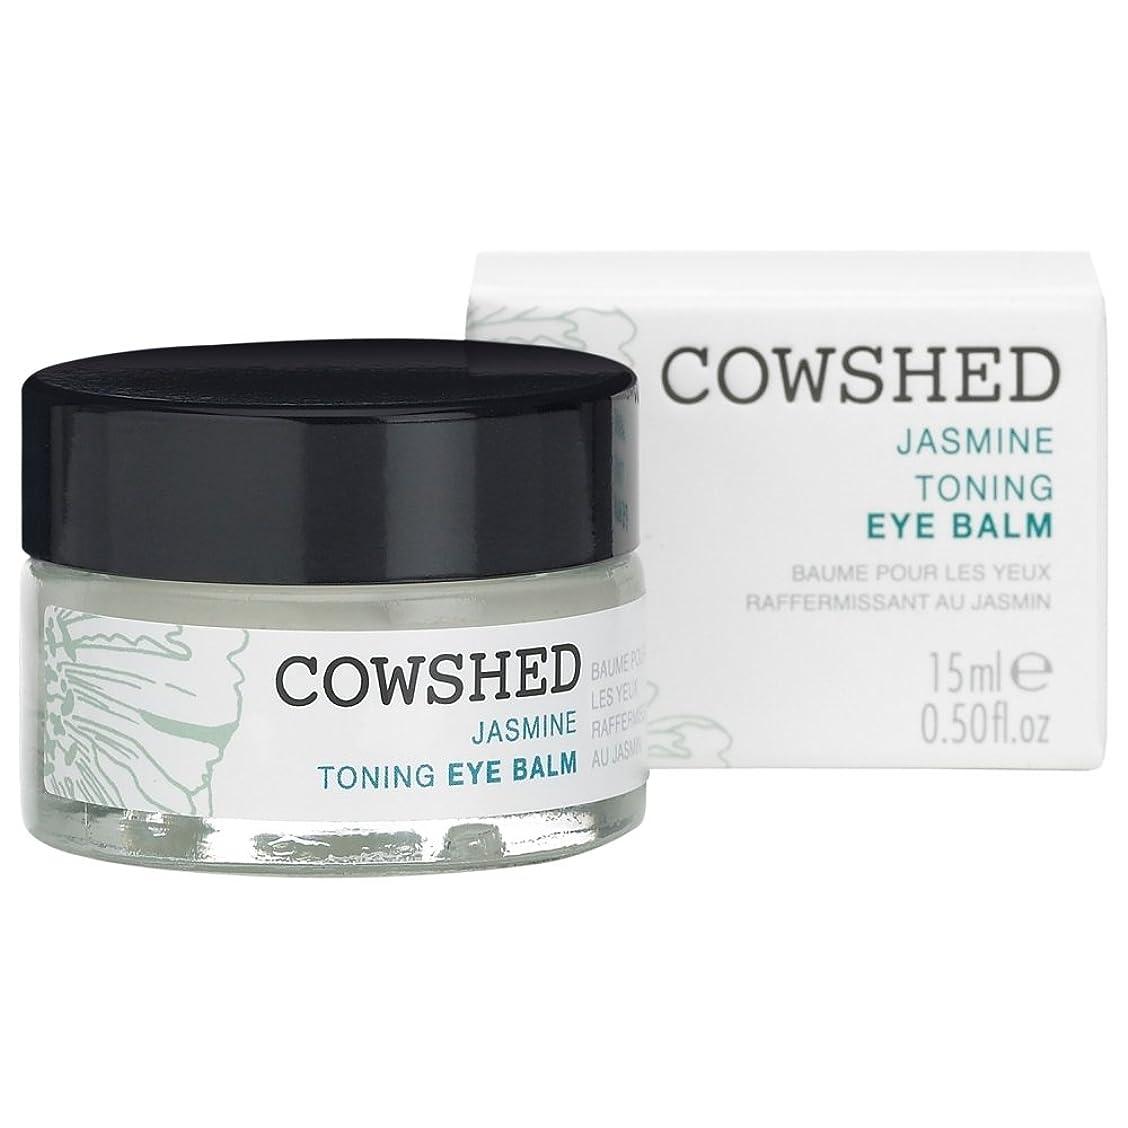 キリマンジャロ近代化するおじさん牛舎ジャスミン調色アイクリーム15ミリリットル (Cowshed) (x6) - Cowshed Jasmine Toning Eye Balm 15ml (Pack of 6) [並行輸入品]